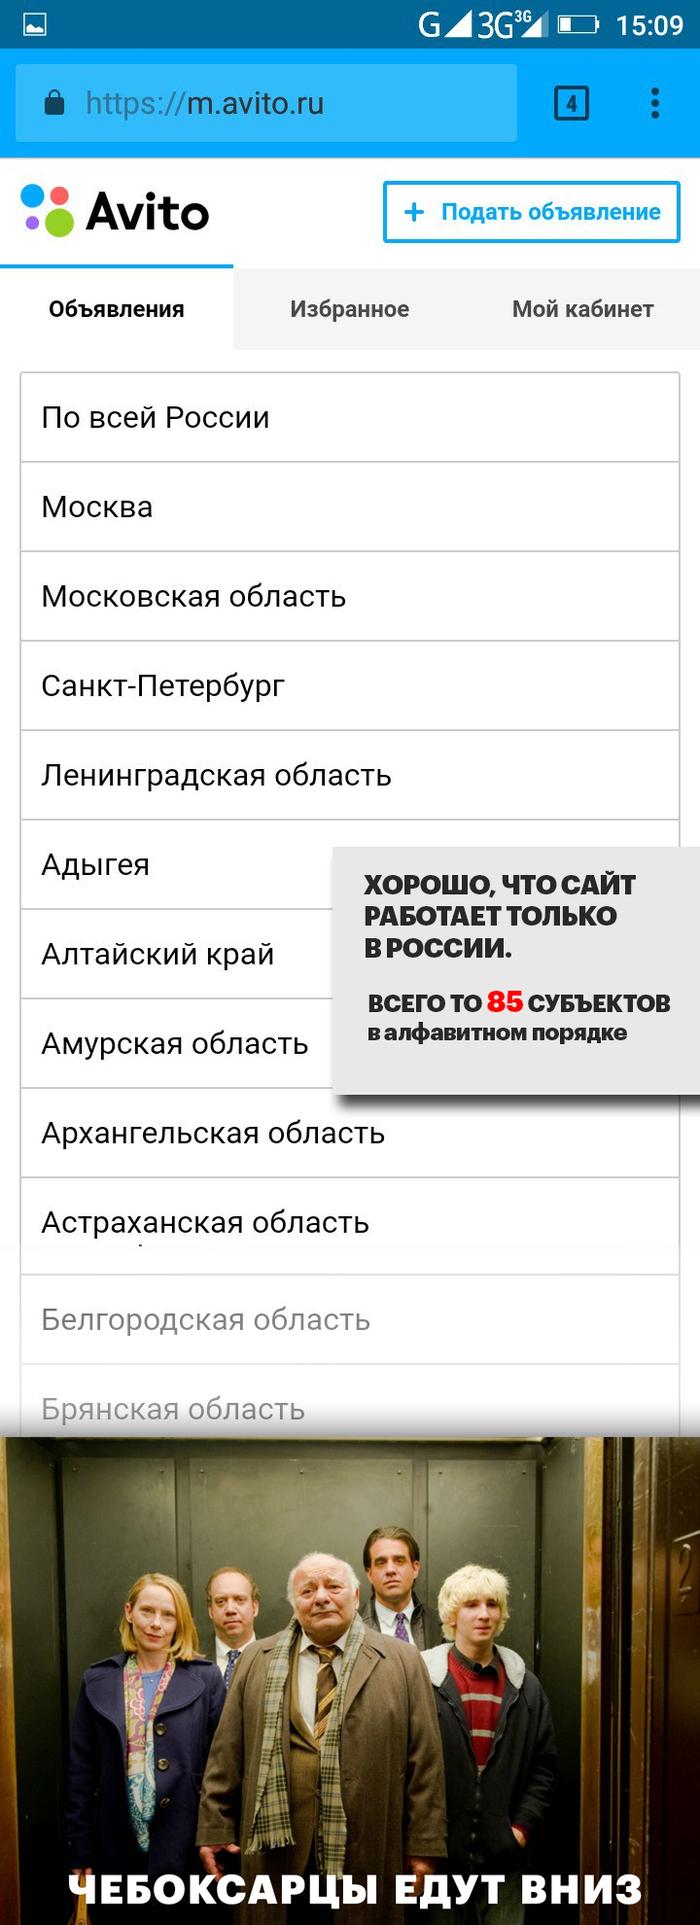 Чебоксарцы & Ярославцы Забота, Авито, Чебоксары, Ярославль, Элекстрогорск, Юзабилити, Загадка, Длиннопост